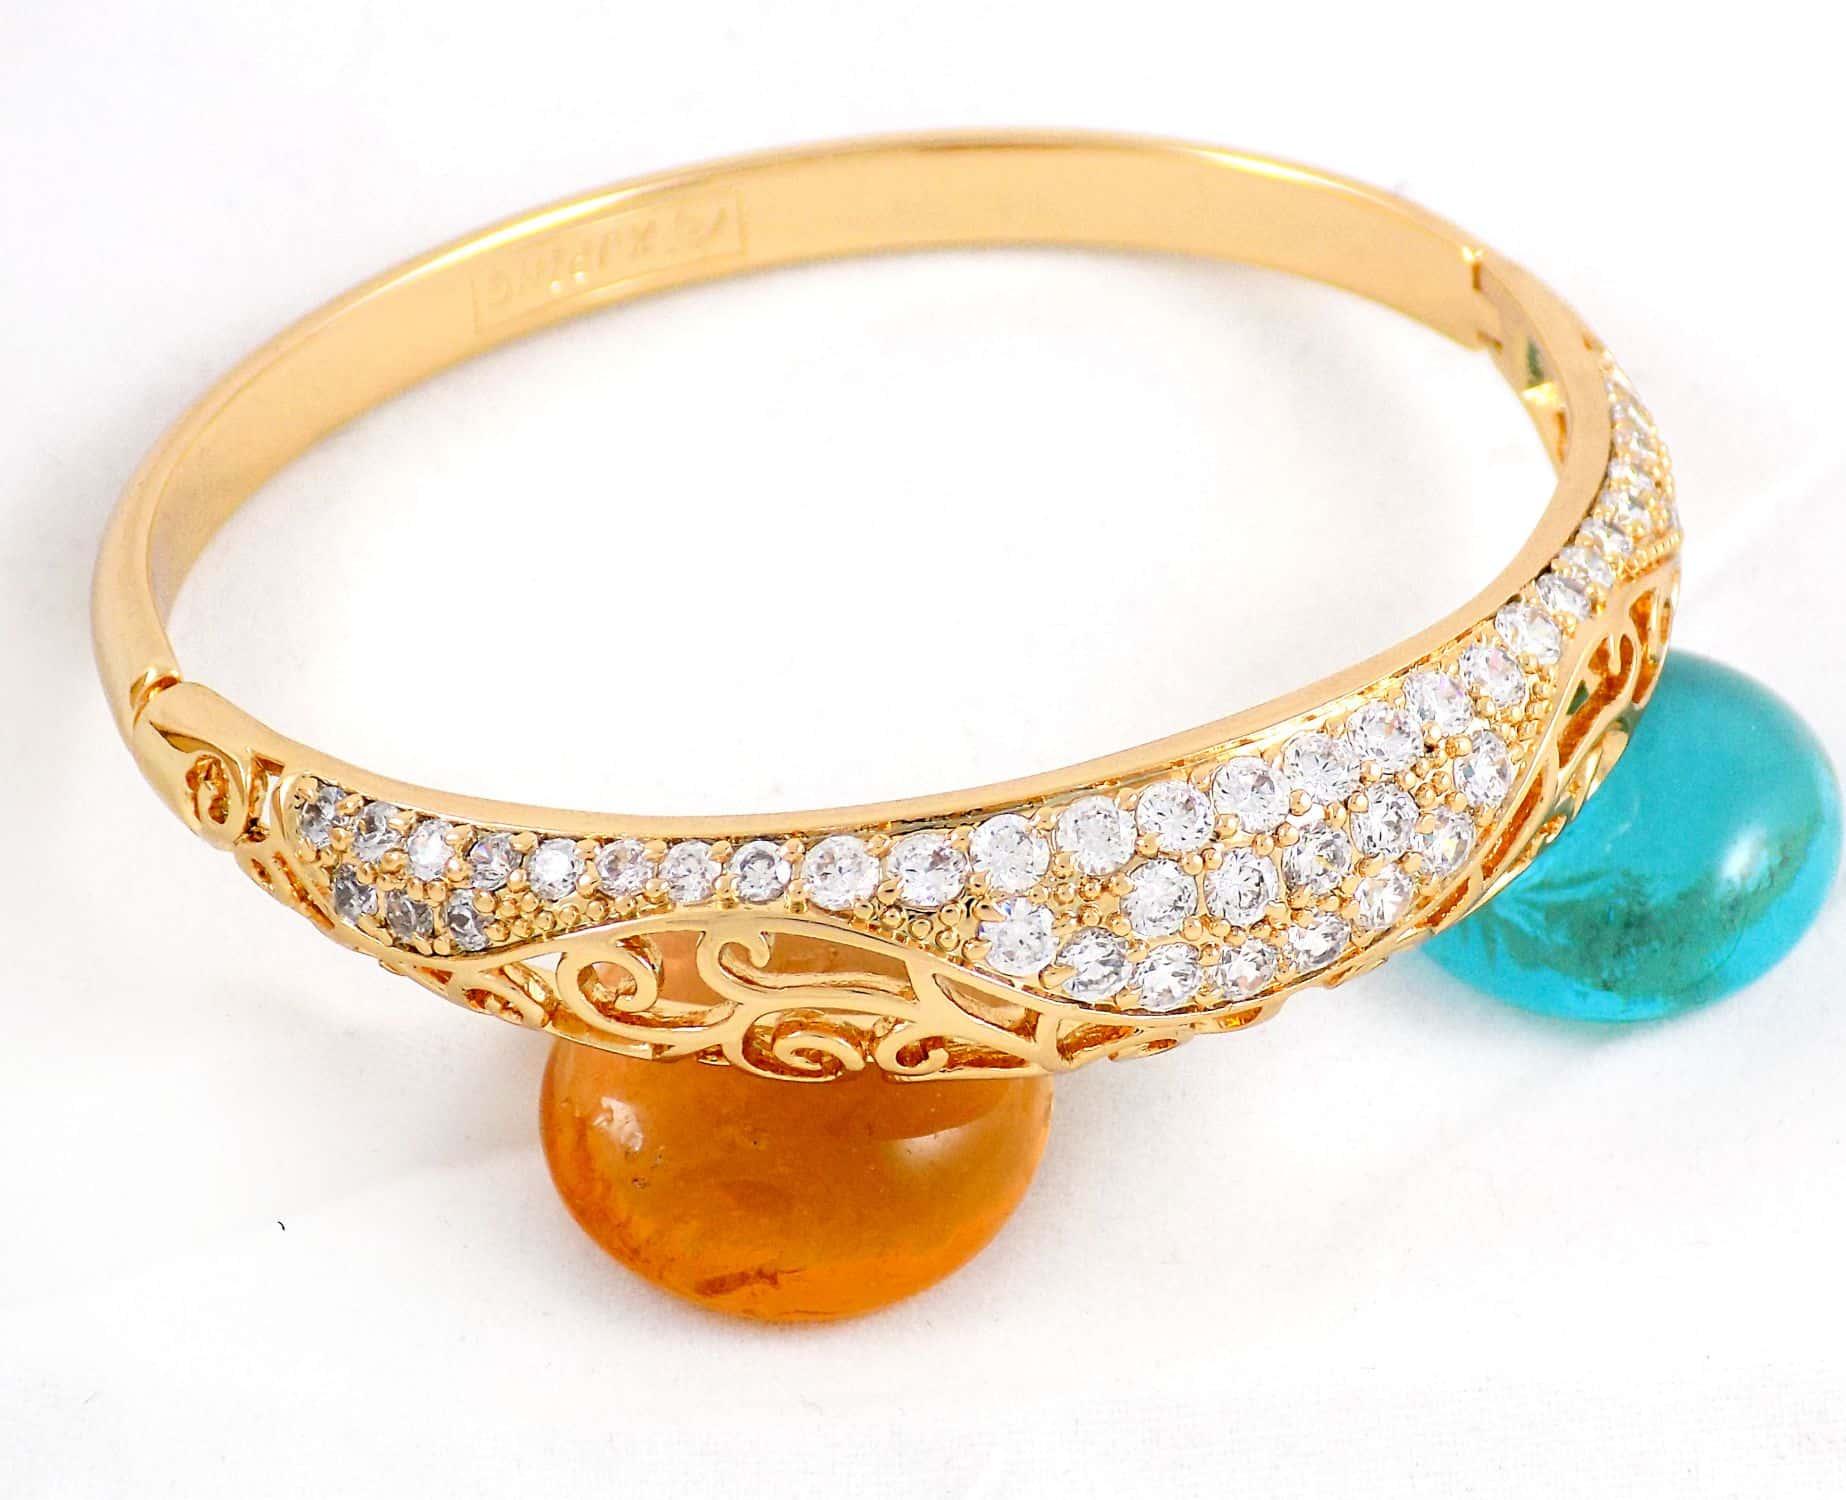 دستبند طرح طلای ژوپینگ با نگین های کریستالی سفید زیرکن ds-n162 (2)